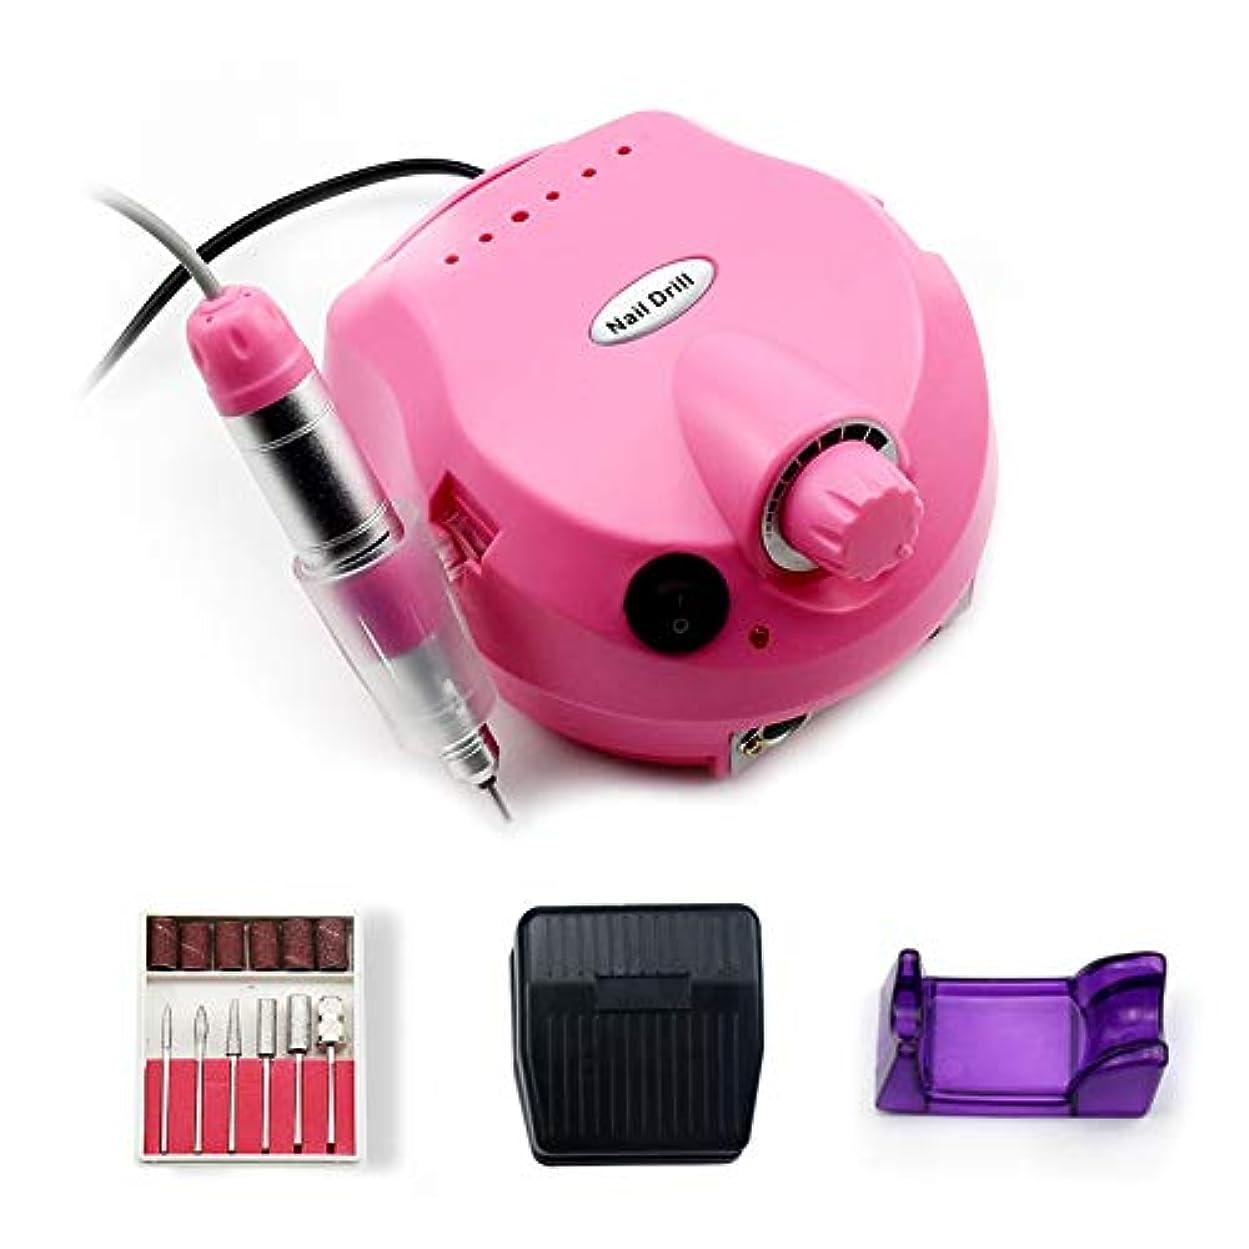 マニキュア用の電気ネイルドリルビットセットミルカッターマシンヒントマニキュア電気35000/20000 RPMネイルペディキュアファイル,ピンク